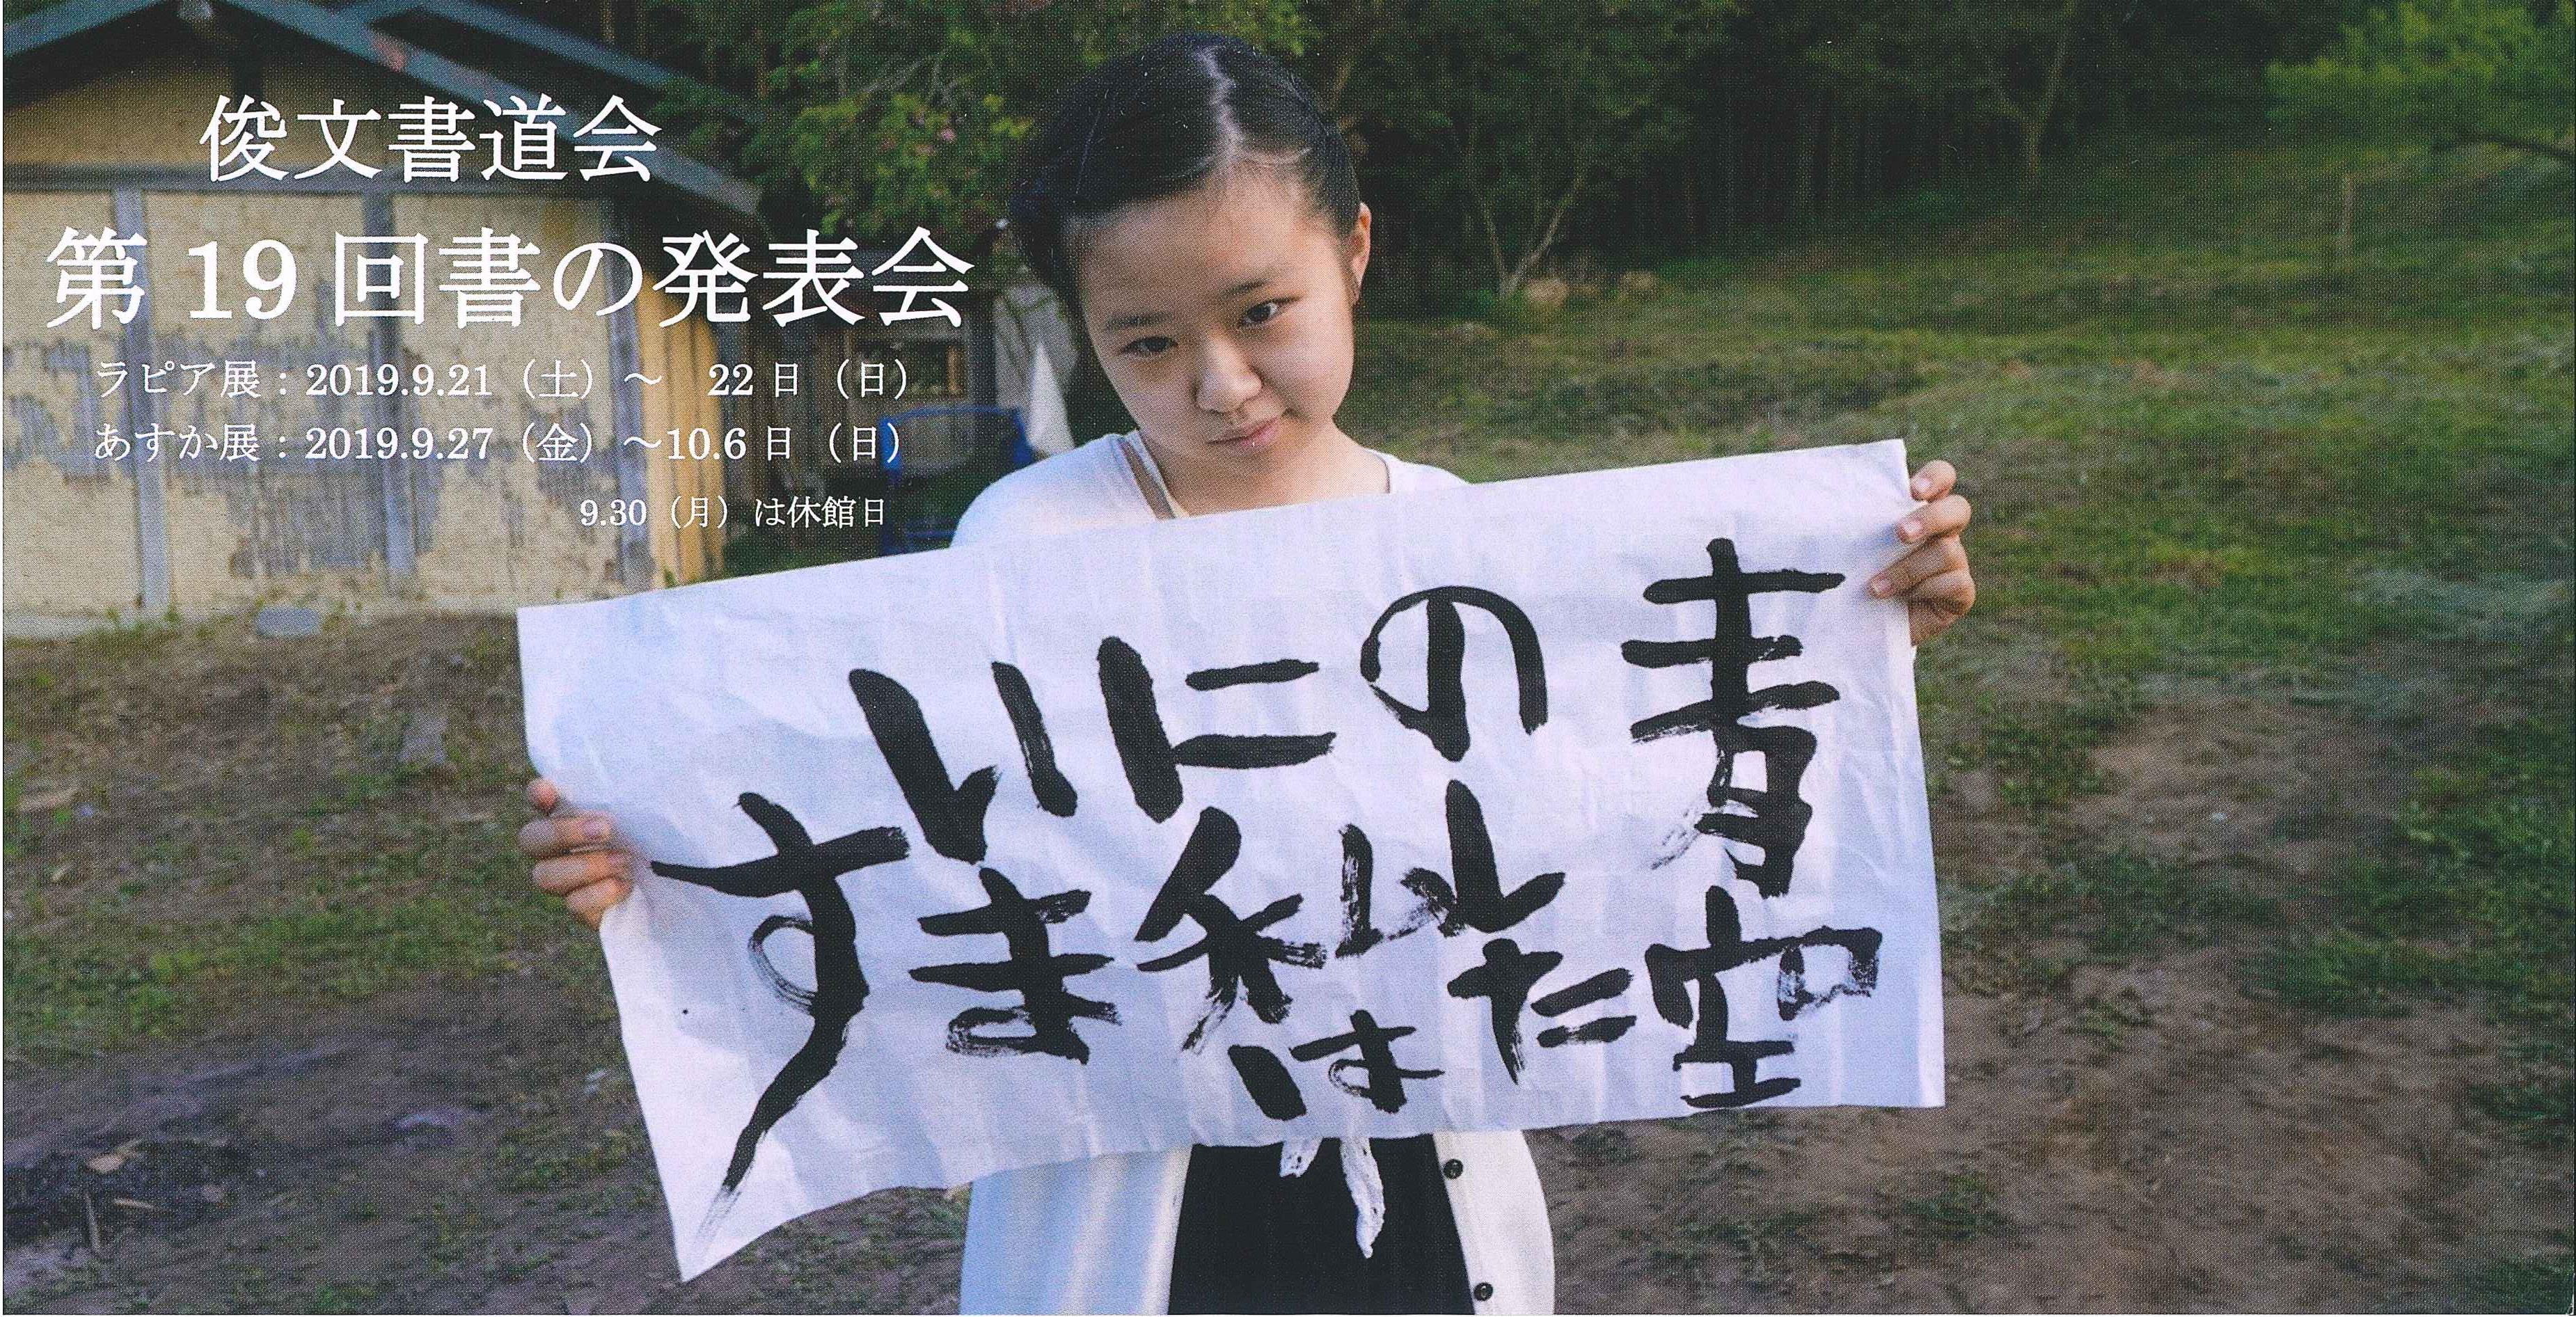 http://www.sogen.or.jp/letter/2019/08/13/20190813103305378_0001.jpg